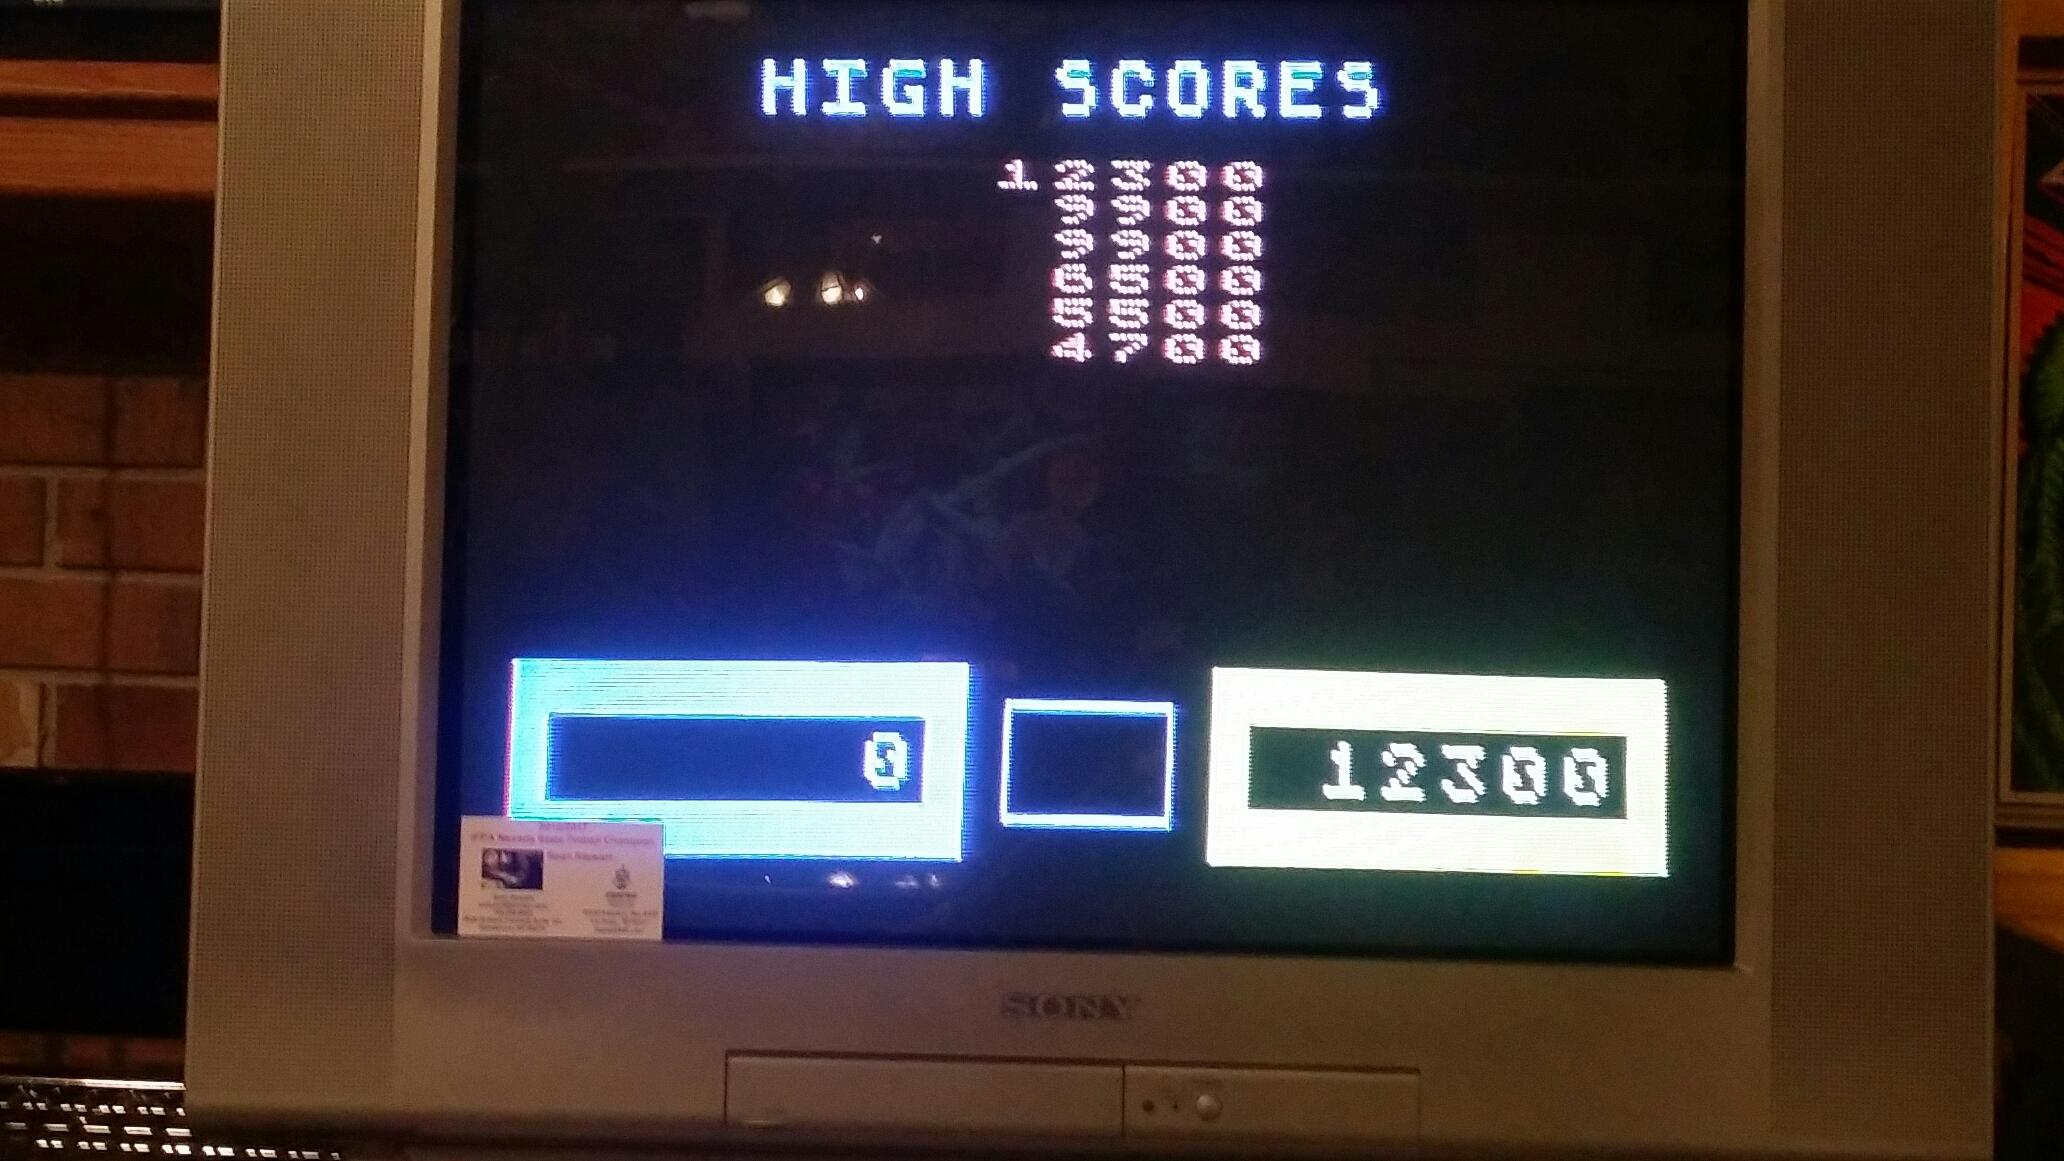 SeanStewart: Wizard Of Wor (Atari 5200) 12,300 points on 2017-07-24 22:37:50